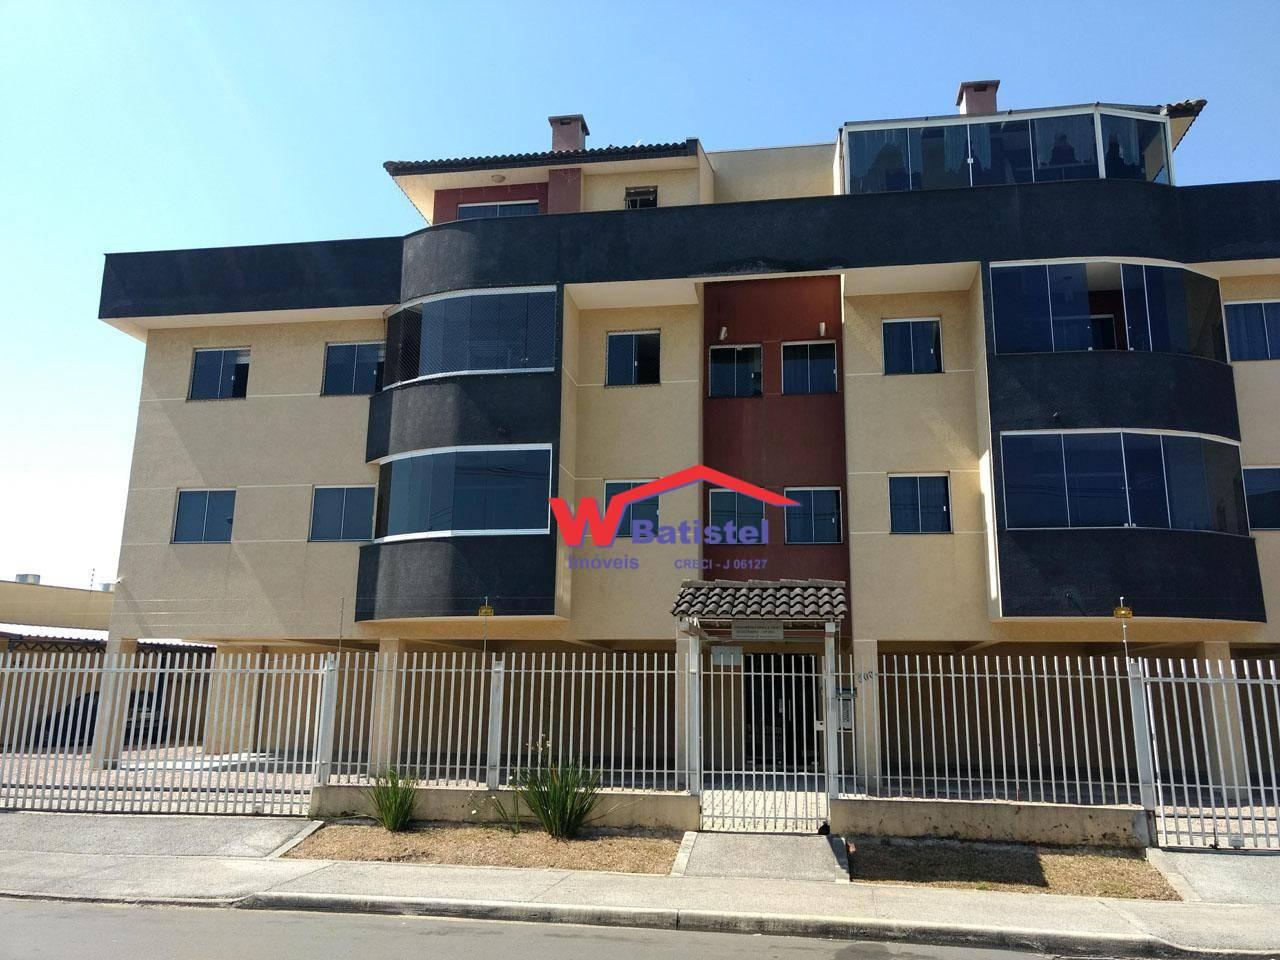 Apartamento com 2 dormitórios à venda, 57 m² por R$ 250.000 - Rua Vinte e Cinco de Dezembro nº 300 - Estância Pinhais - Pinhais/PR